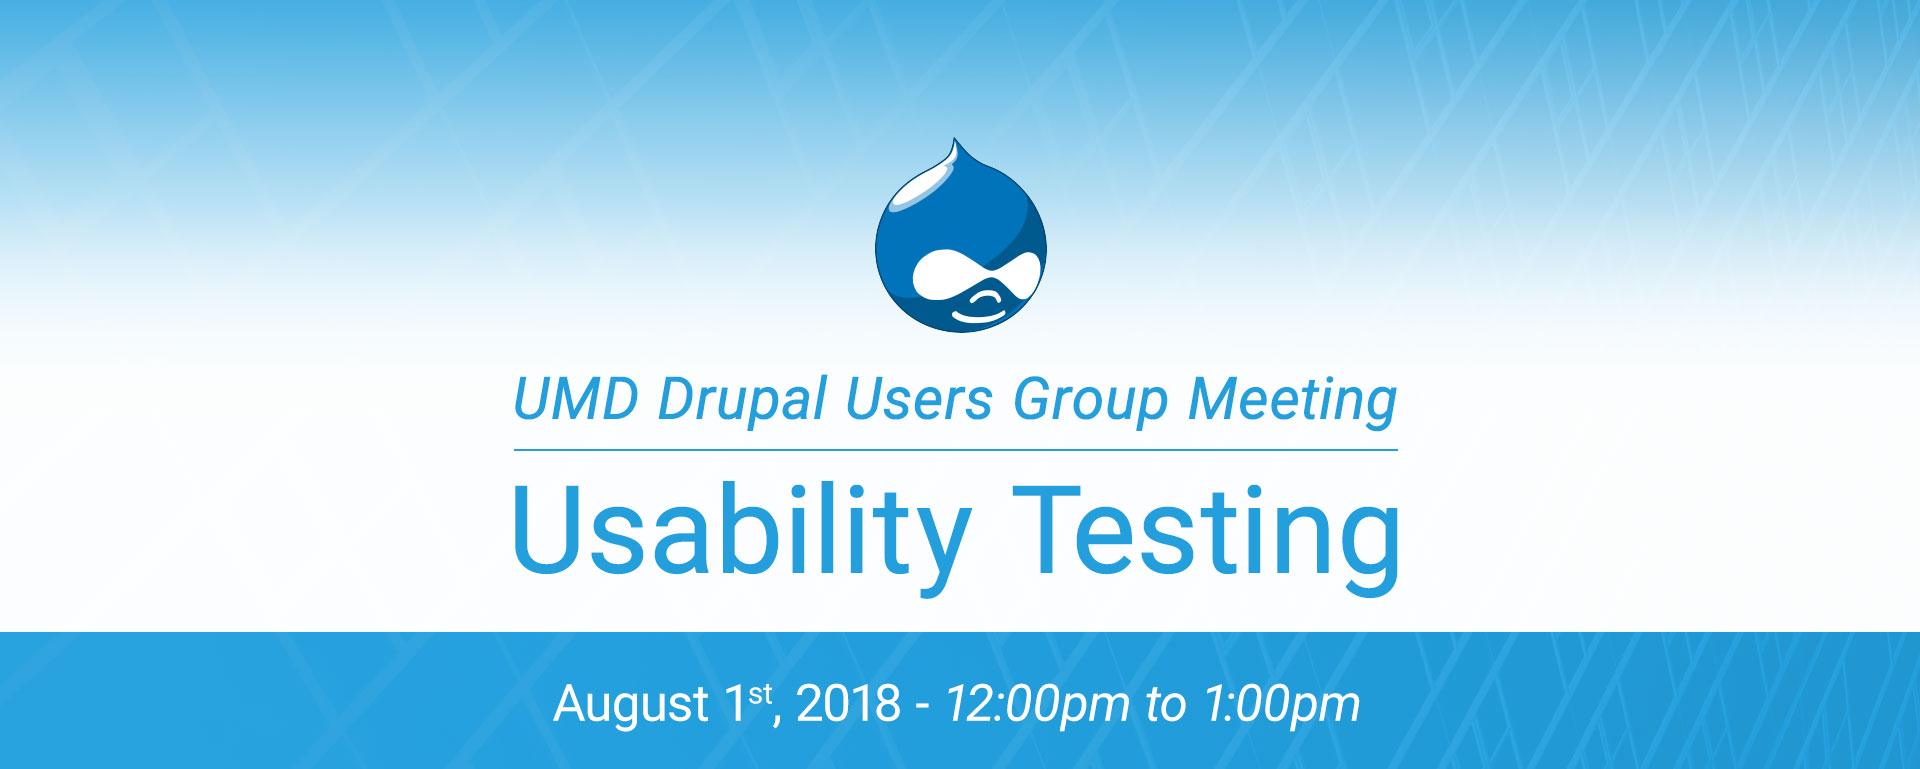 DUG - Usability Testing